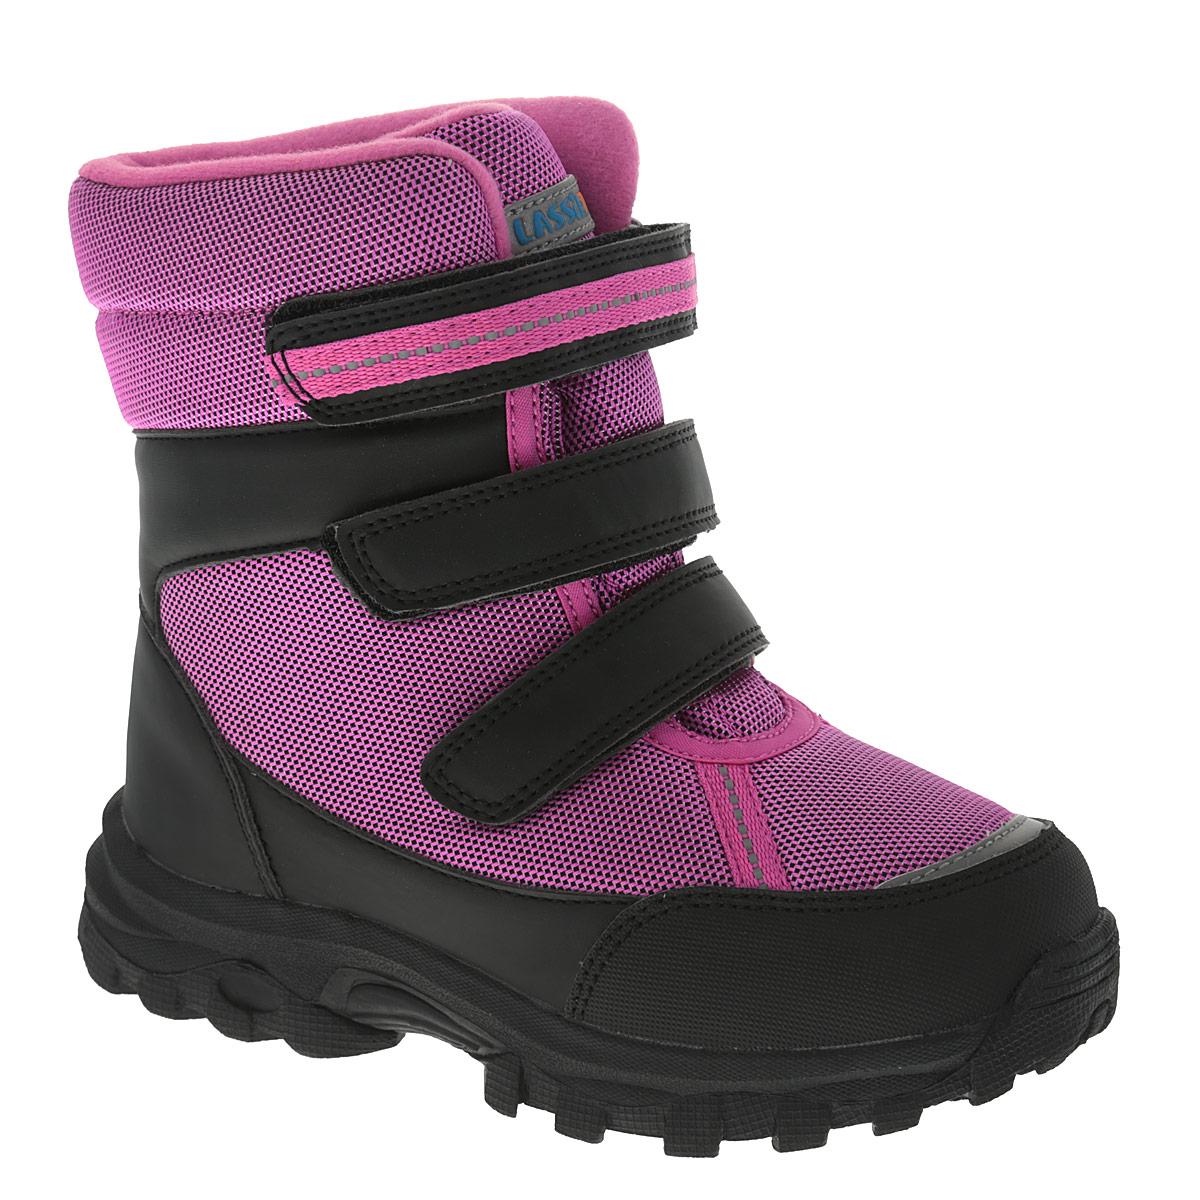 Ботинки детские Lassie Milian. 769087769087-4450Ультрамодные детские ботинки Lassie от Reima - отличная модель для повседневной носки! Непромокаемый верх изделия изготовлен из текстиля со вставками из искусственных материалов. Два ремешка на застежках-липучках, пропущенные через шлевки на подъеме, надежно фиксируют модель на ноге. Светоотражающие детали обеспечивают дополнительную безопасность в темное время суток. Текстильная меховая подкладка с запаянными швами позволит сохранить ноги в тепле. Мягкая стелька комфортна при ходьбе. Термопластичная резиновая подошва с протектором обеспечивает отличное сцепление с любой поверхностью. Удобные ботинки придутся по душе вам и вашему ребенку!